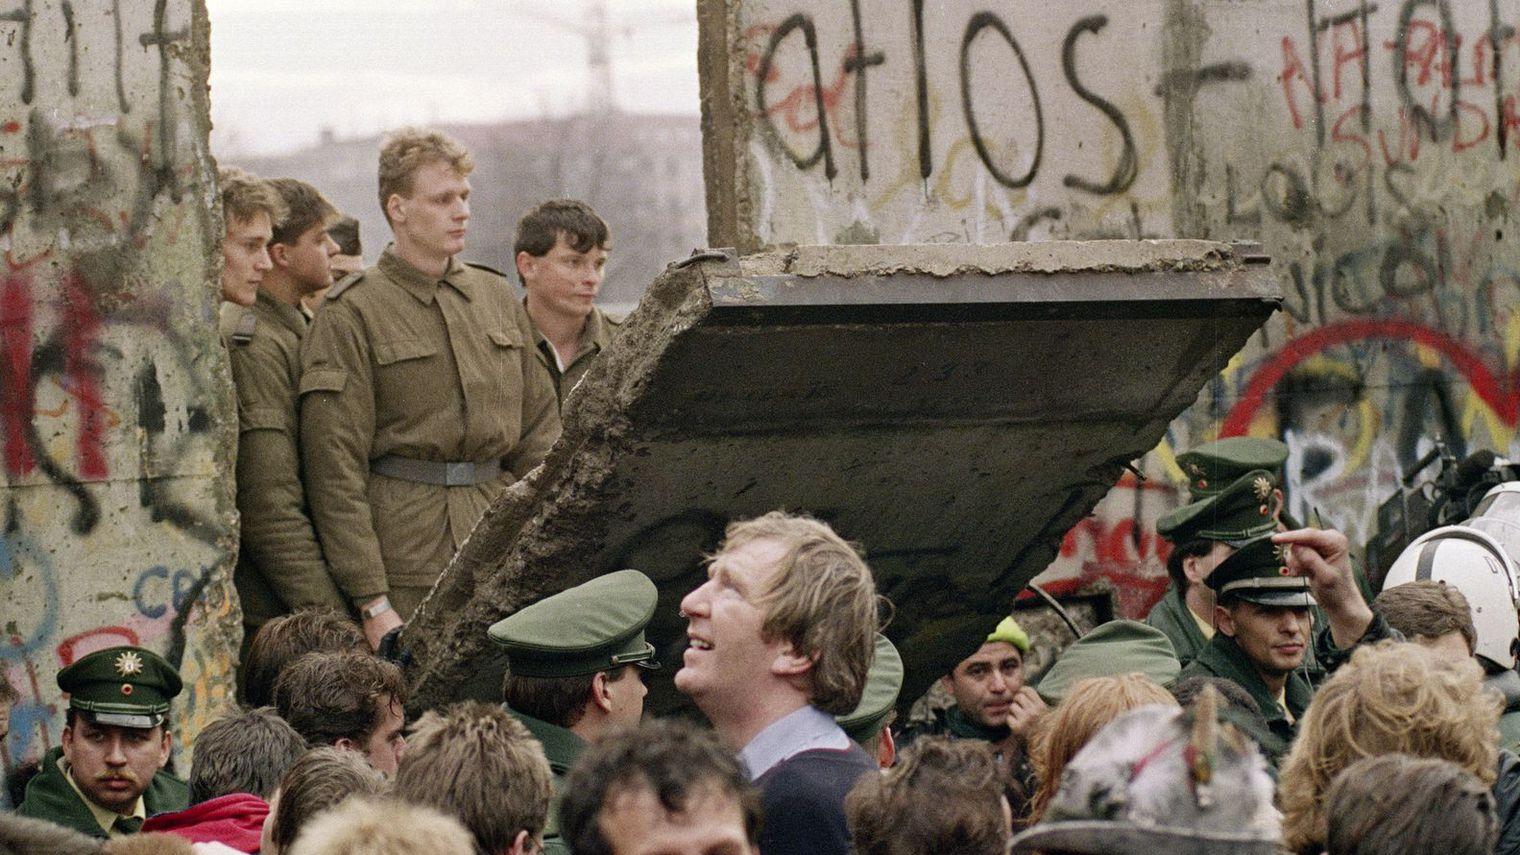 des-allemands-de-l-ouest-se-pressent-devant-le-mur-de-berlin-le-11-novembre-1989-regardant-des-gardes-frontiere-est-allemands-ouvrant-une-breche-dans-l-ouvrage-pres-de-.jpg